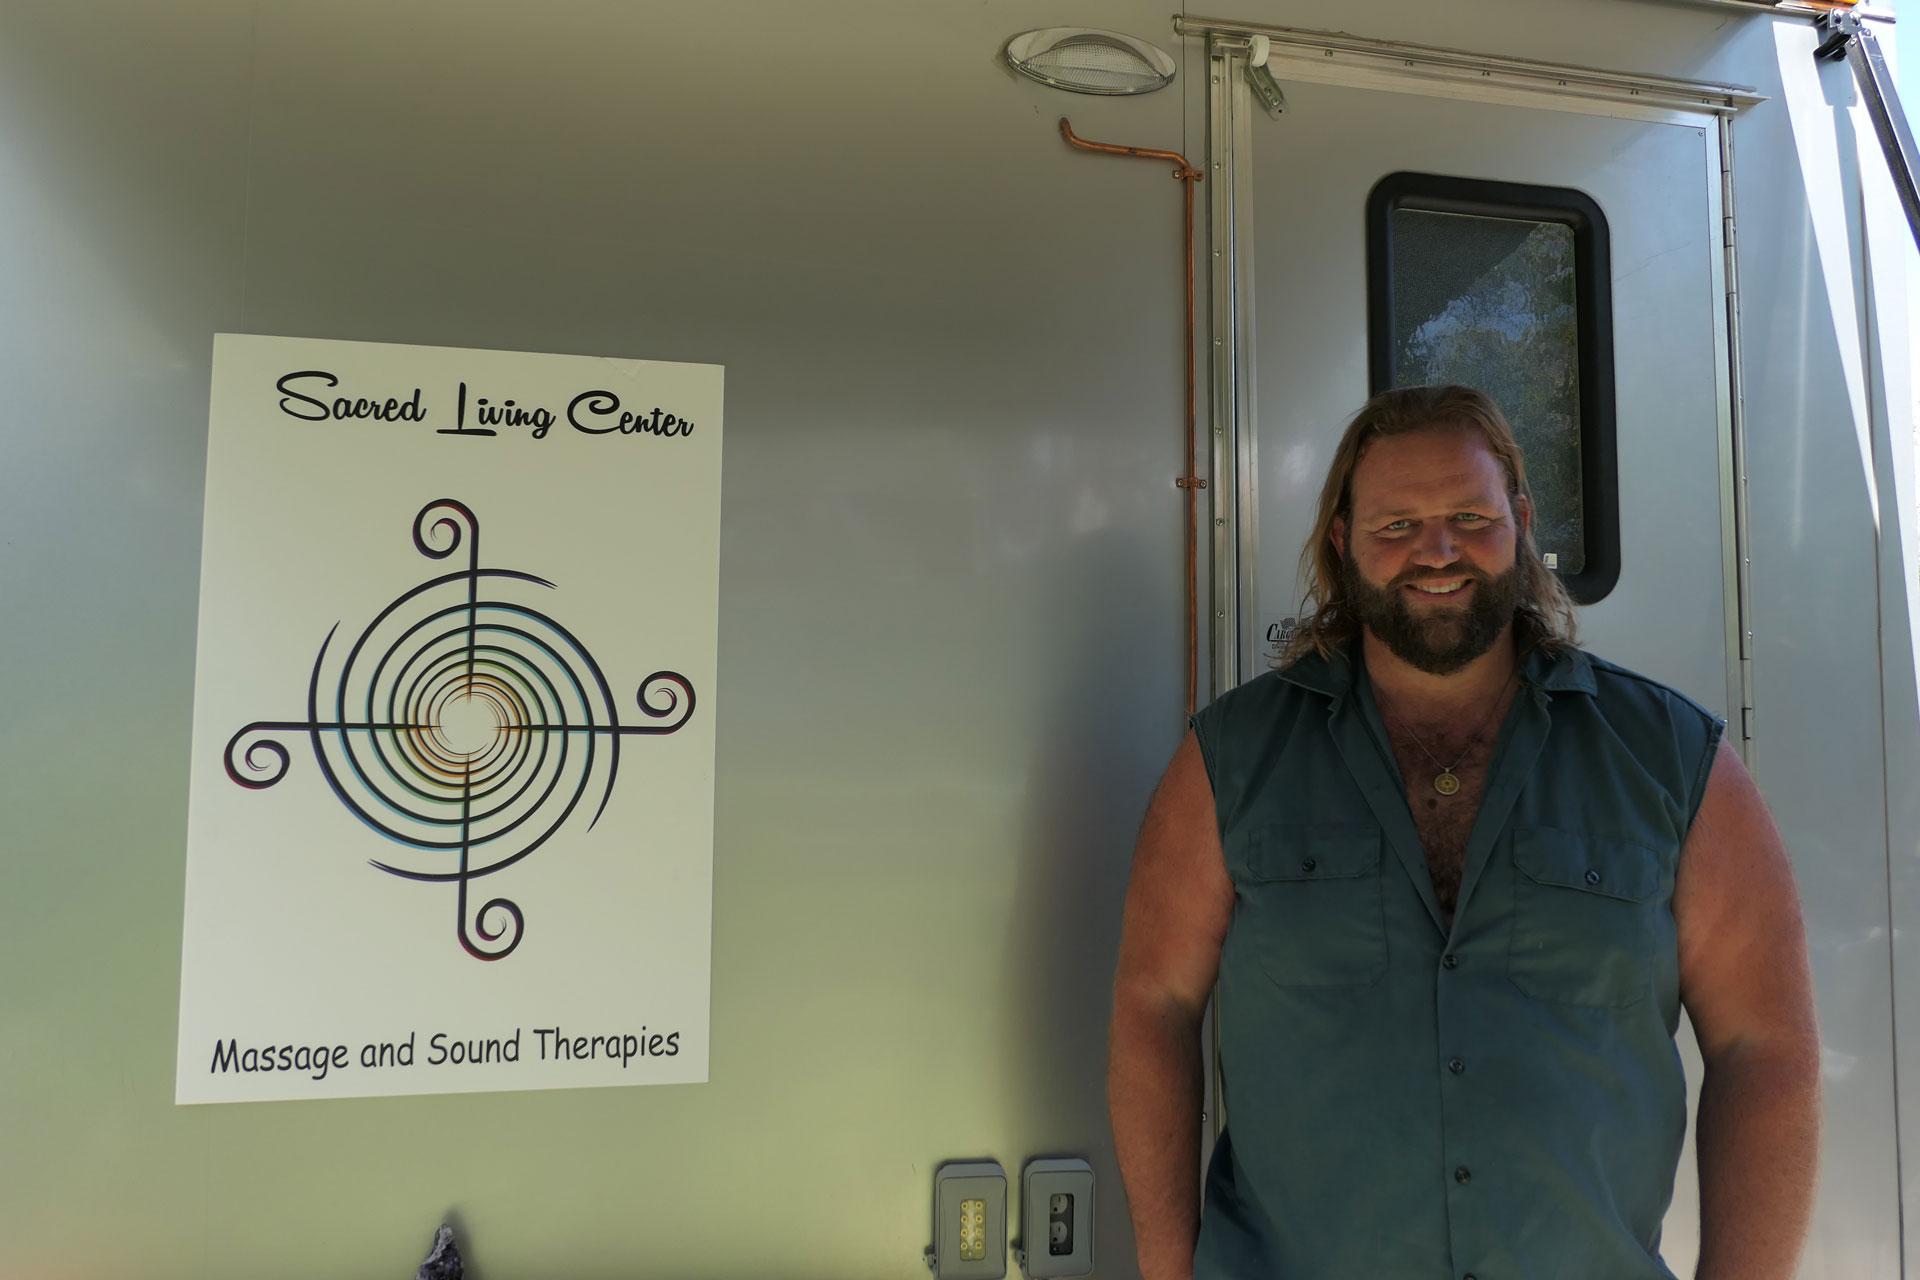 The Sensorium | Sacred Living Center